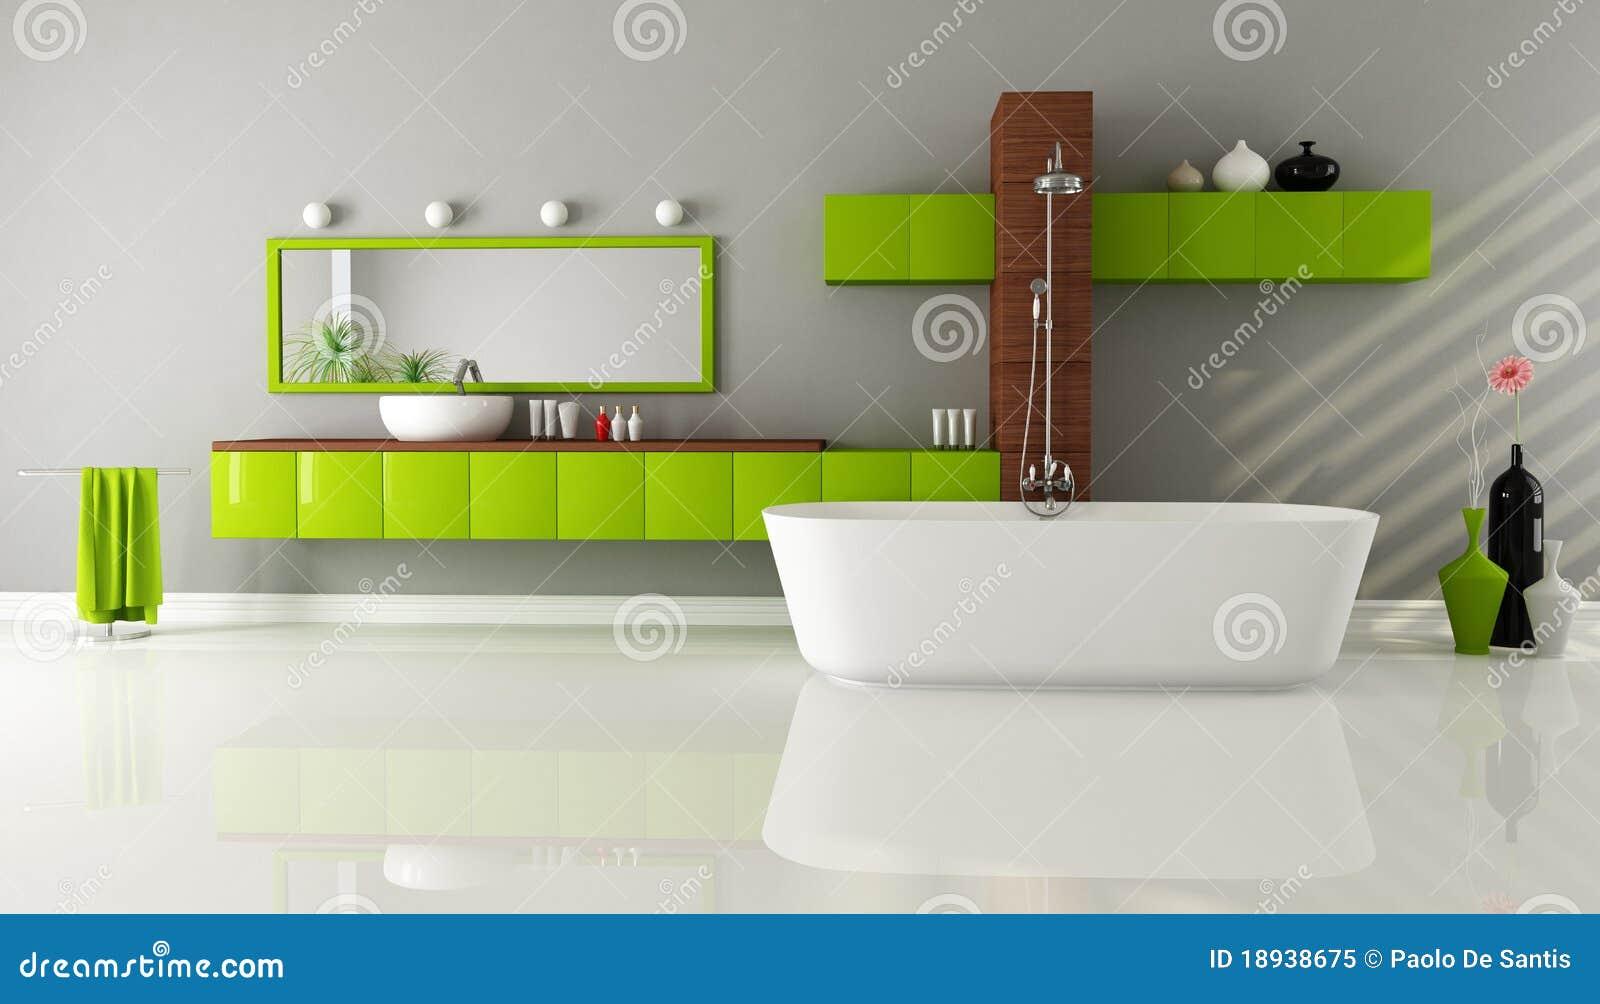 Salle de bains contemporaine photo libre de droits image for Salle de bains contemporaine